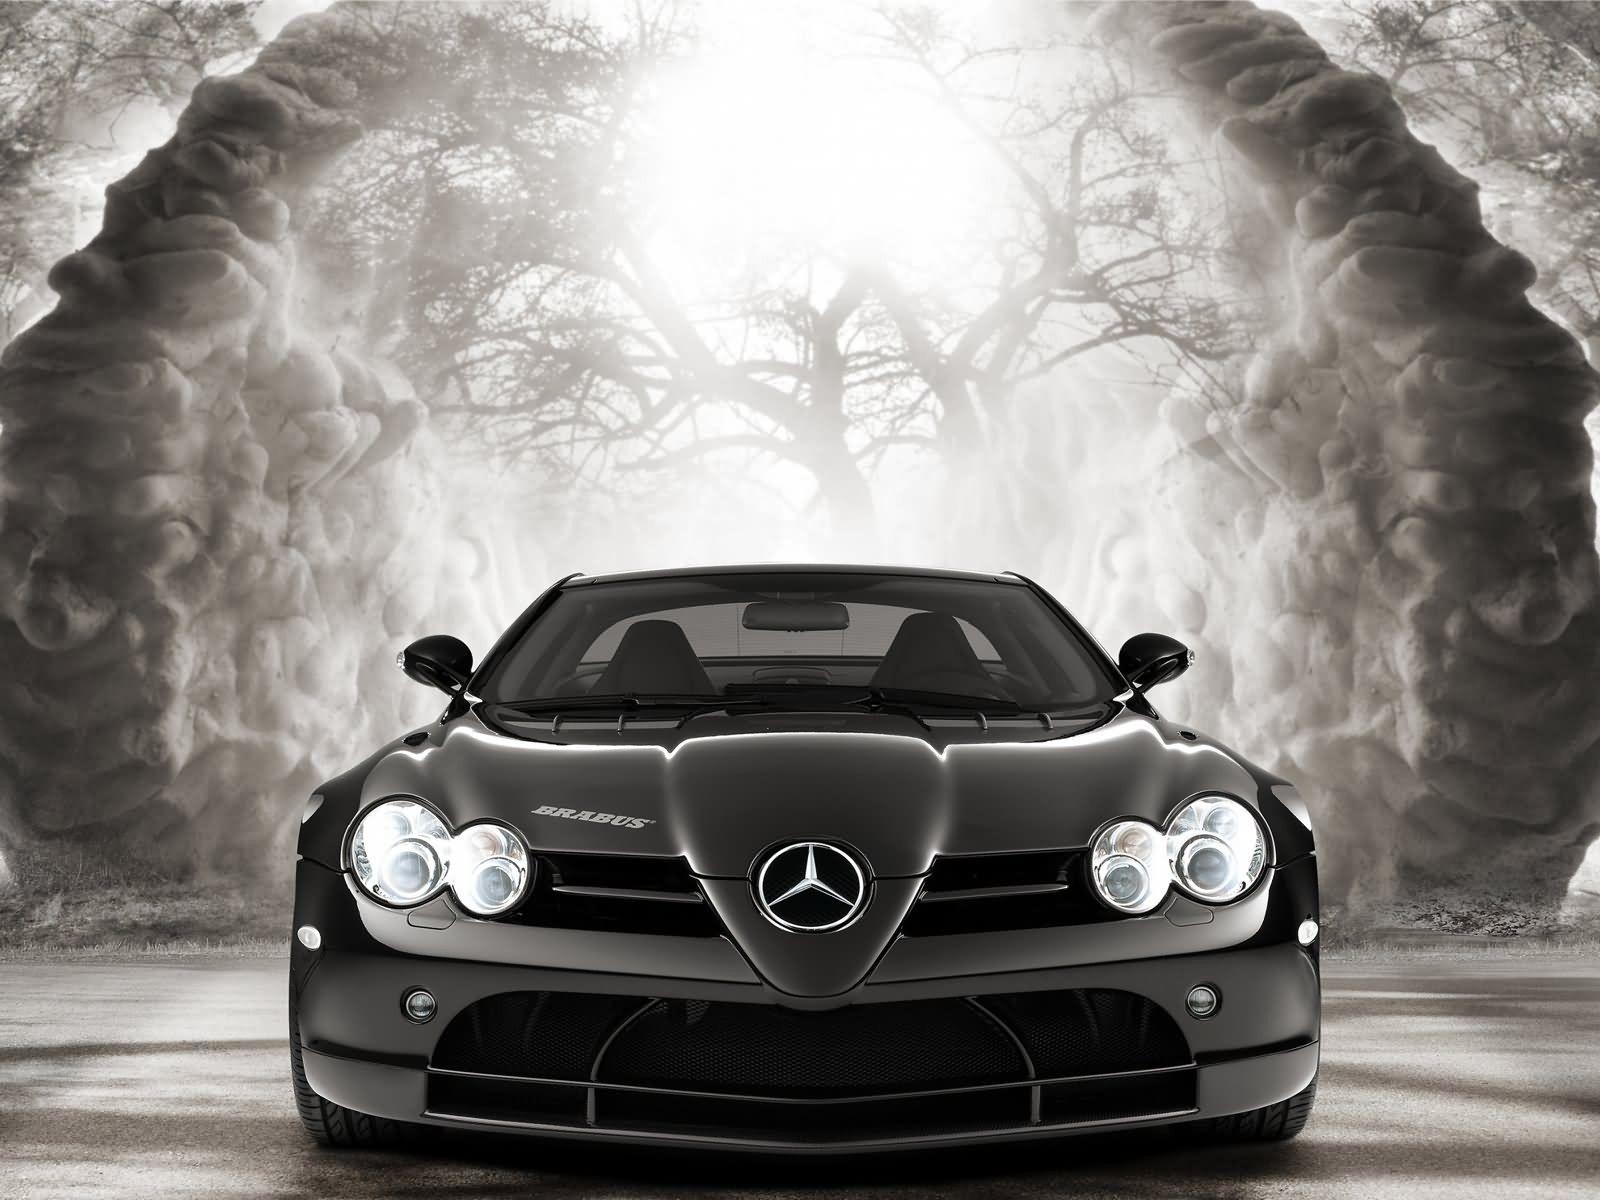 Mercedes Benz Slr Mclaren Mercedes Benz Slk Mercedes Brabus Slr Mclaren